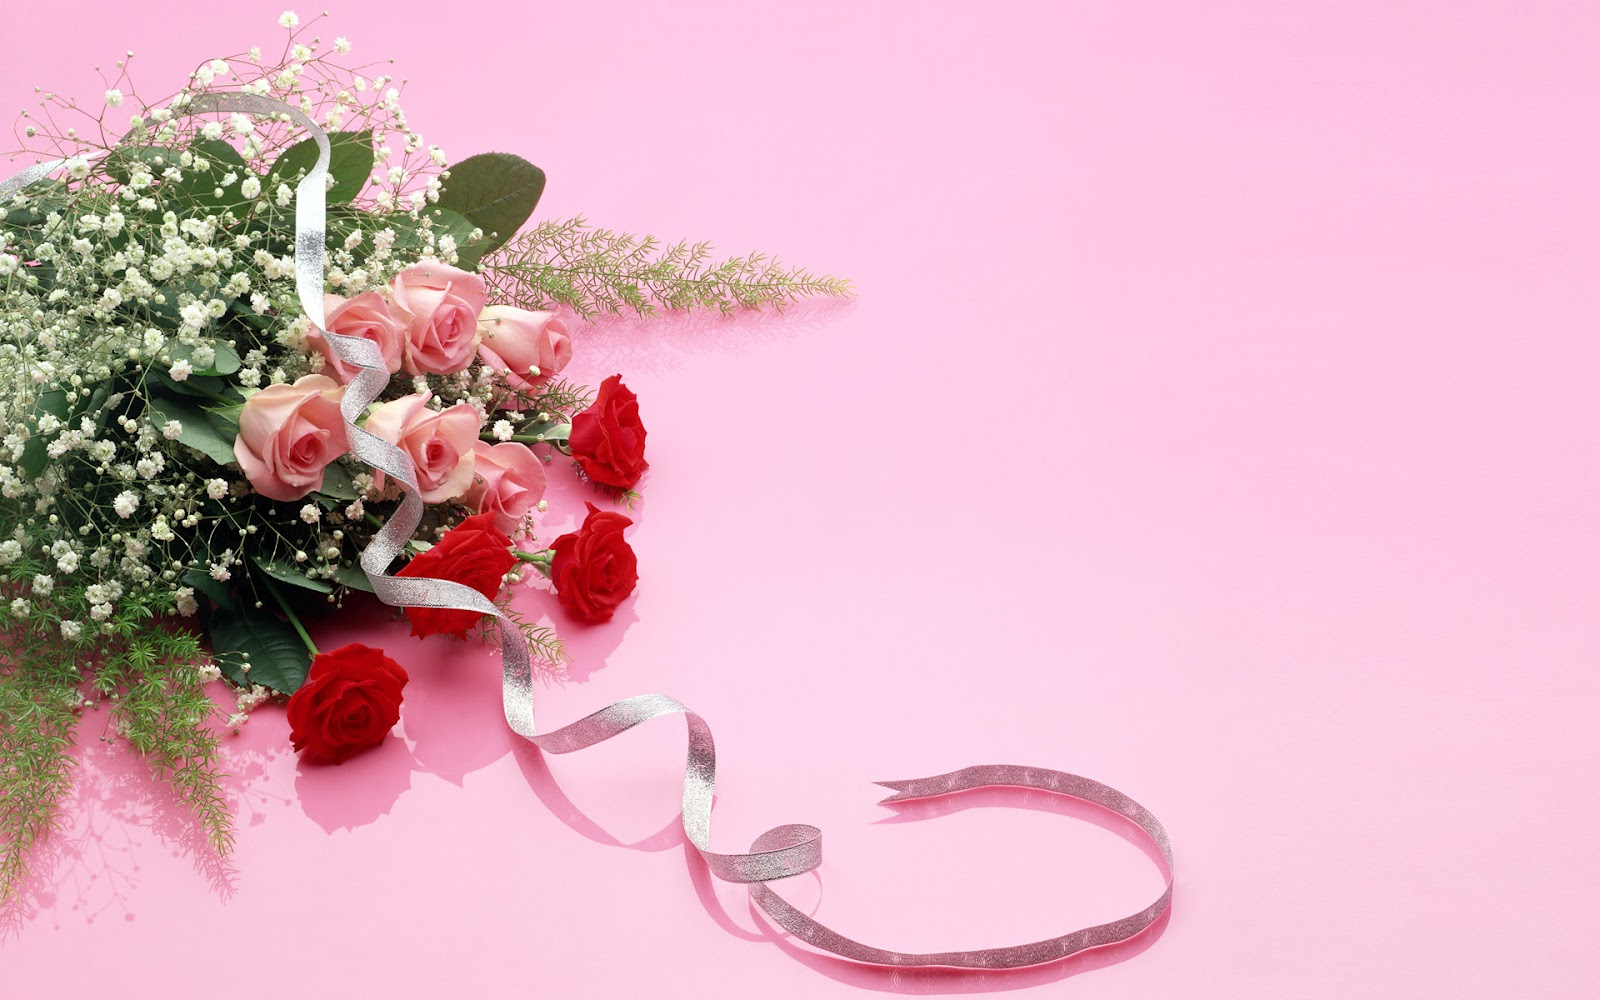 بالصور اكبر مجموعة من صور الورد الرائعة img 1374233638 164